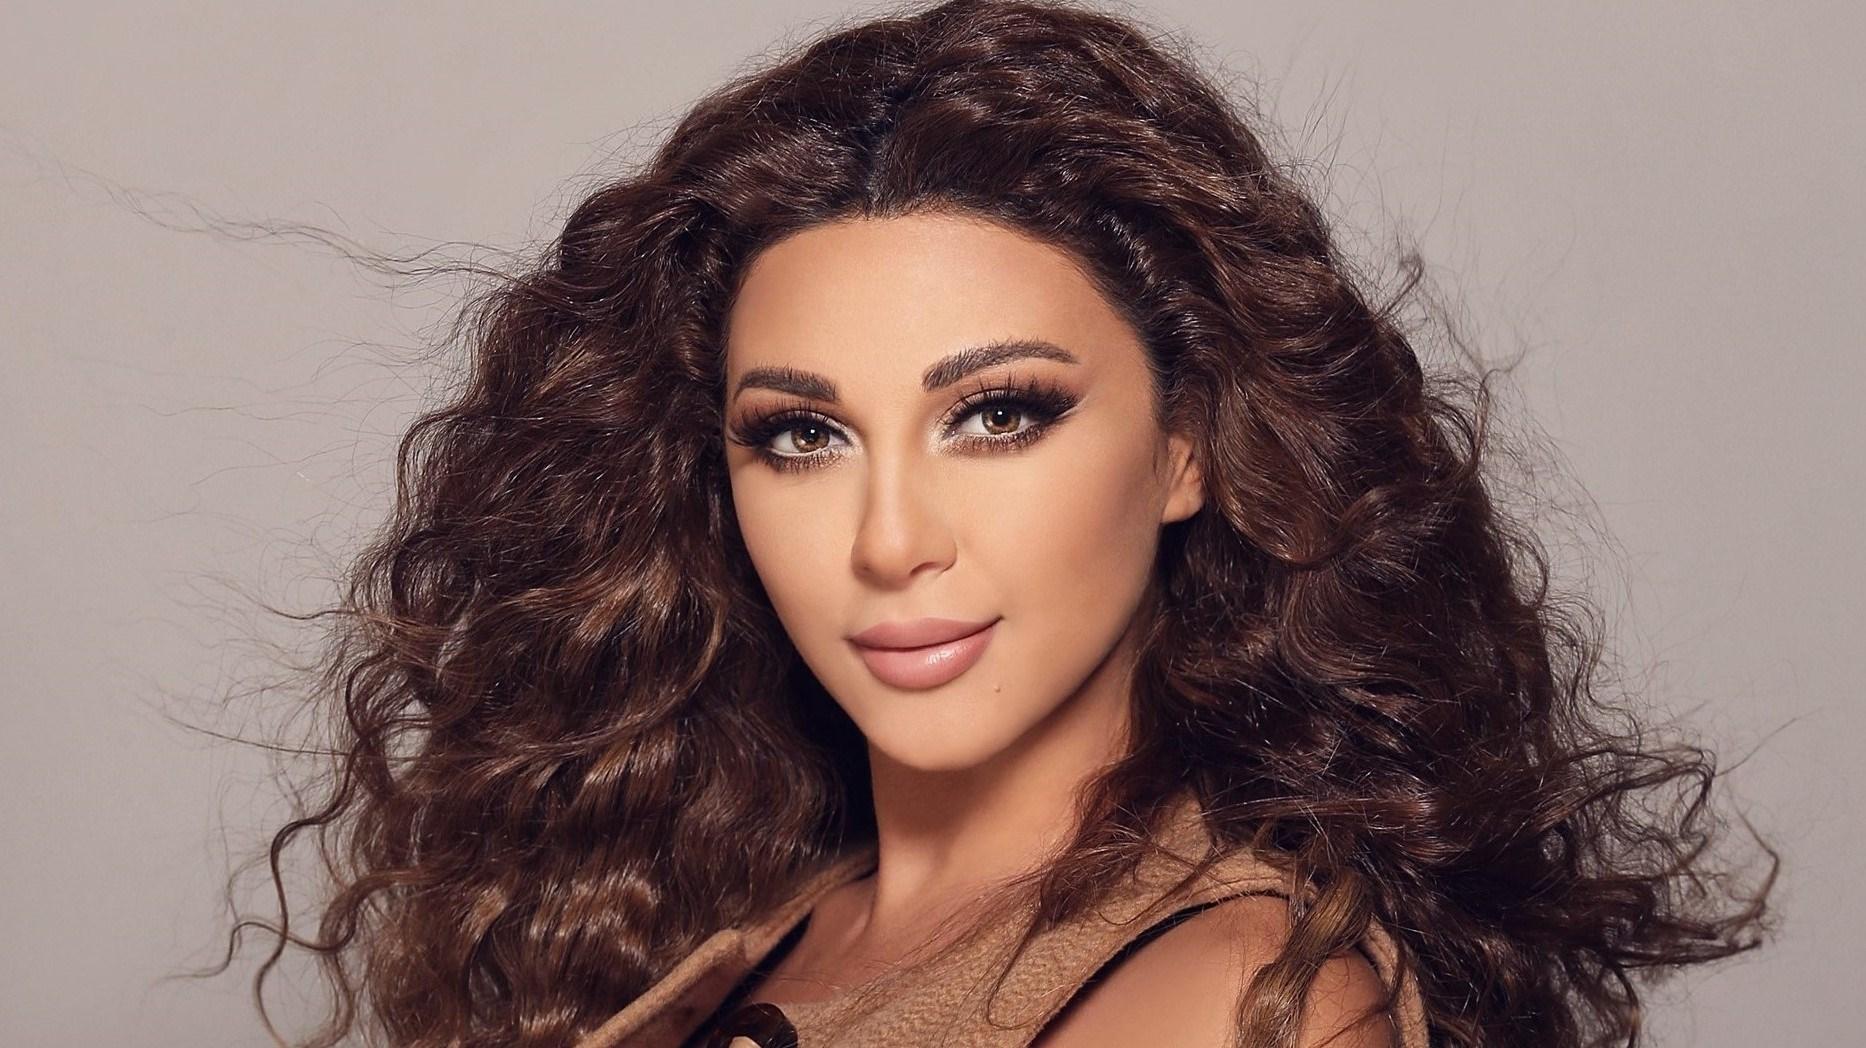 بالفيديو.. ميريام فارس تجهز زينة عيد الفصح برفقة طفليها